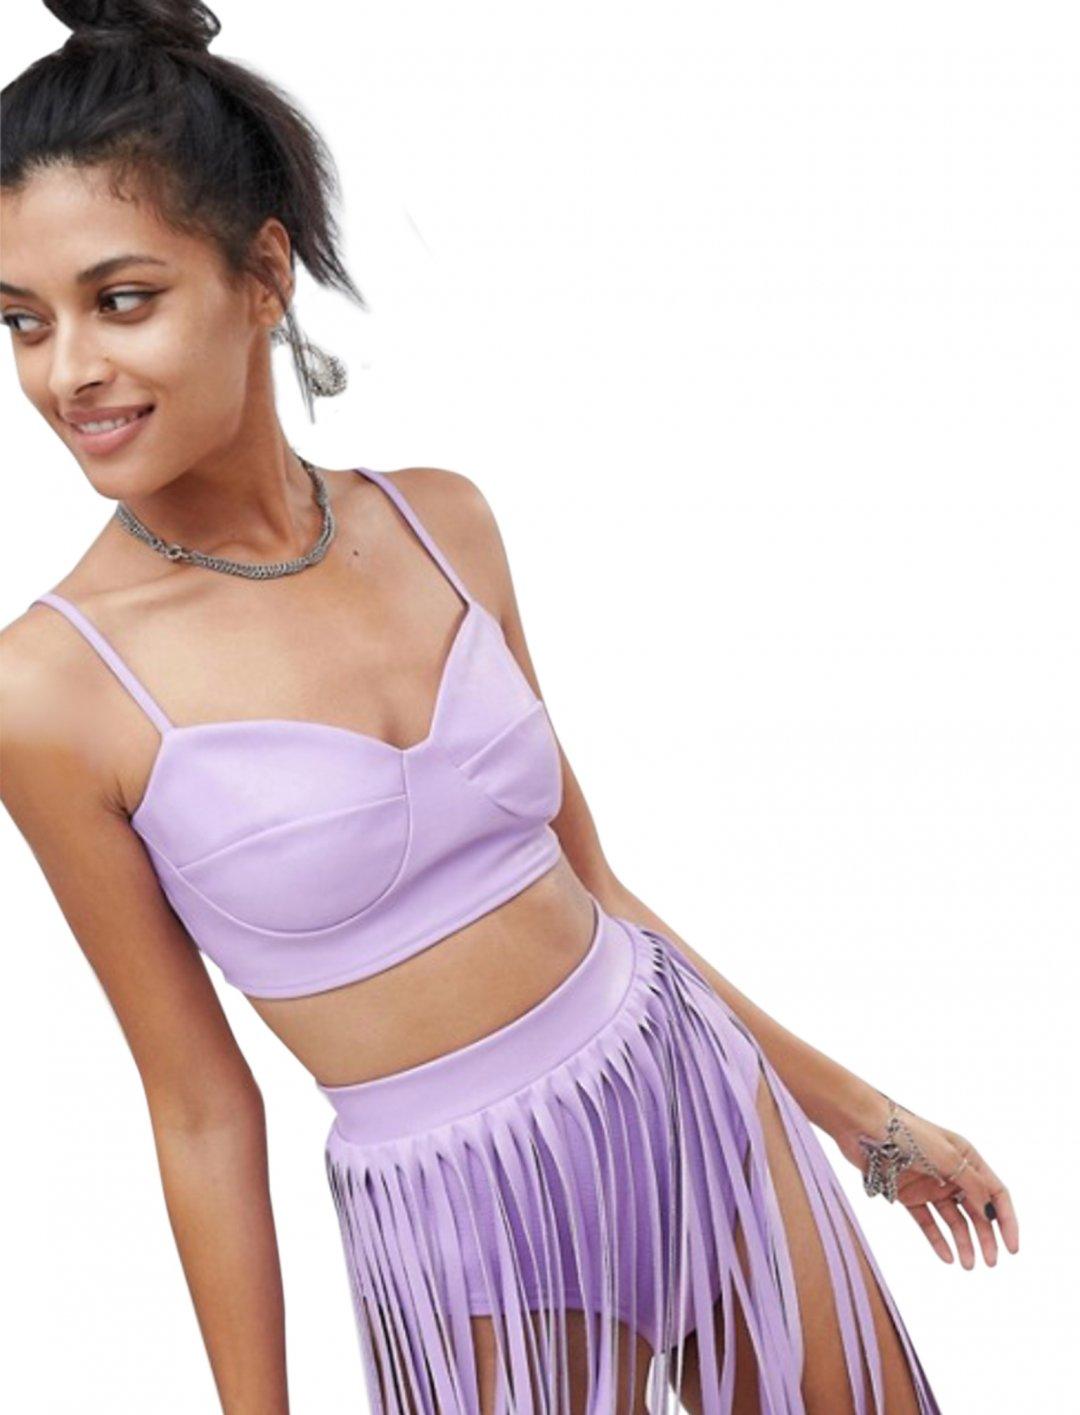 bf5a0d9bd6f Lilac Bralette Top